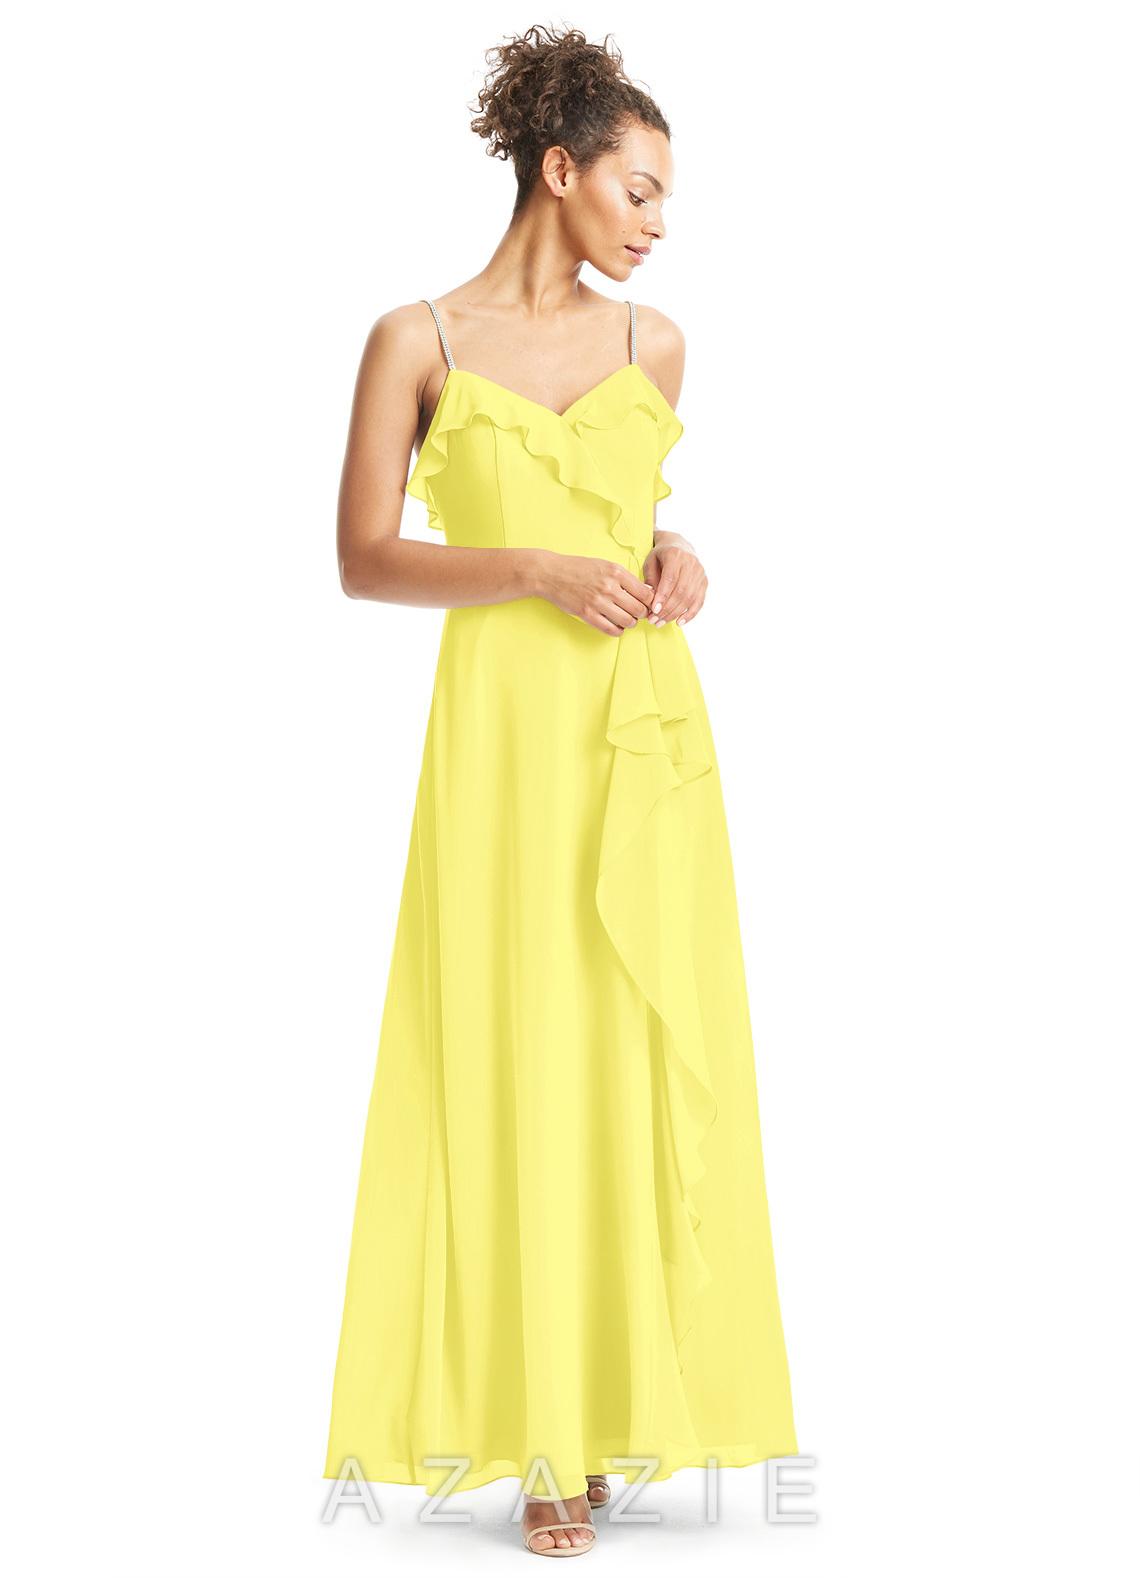 Azazie kendra bridesmaid dress azazie color lemon ombrellifo Images